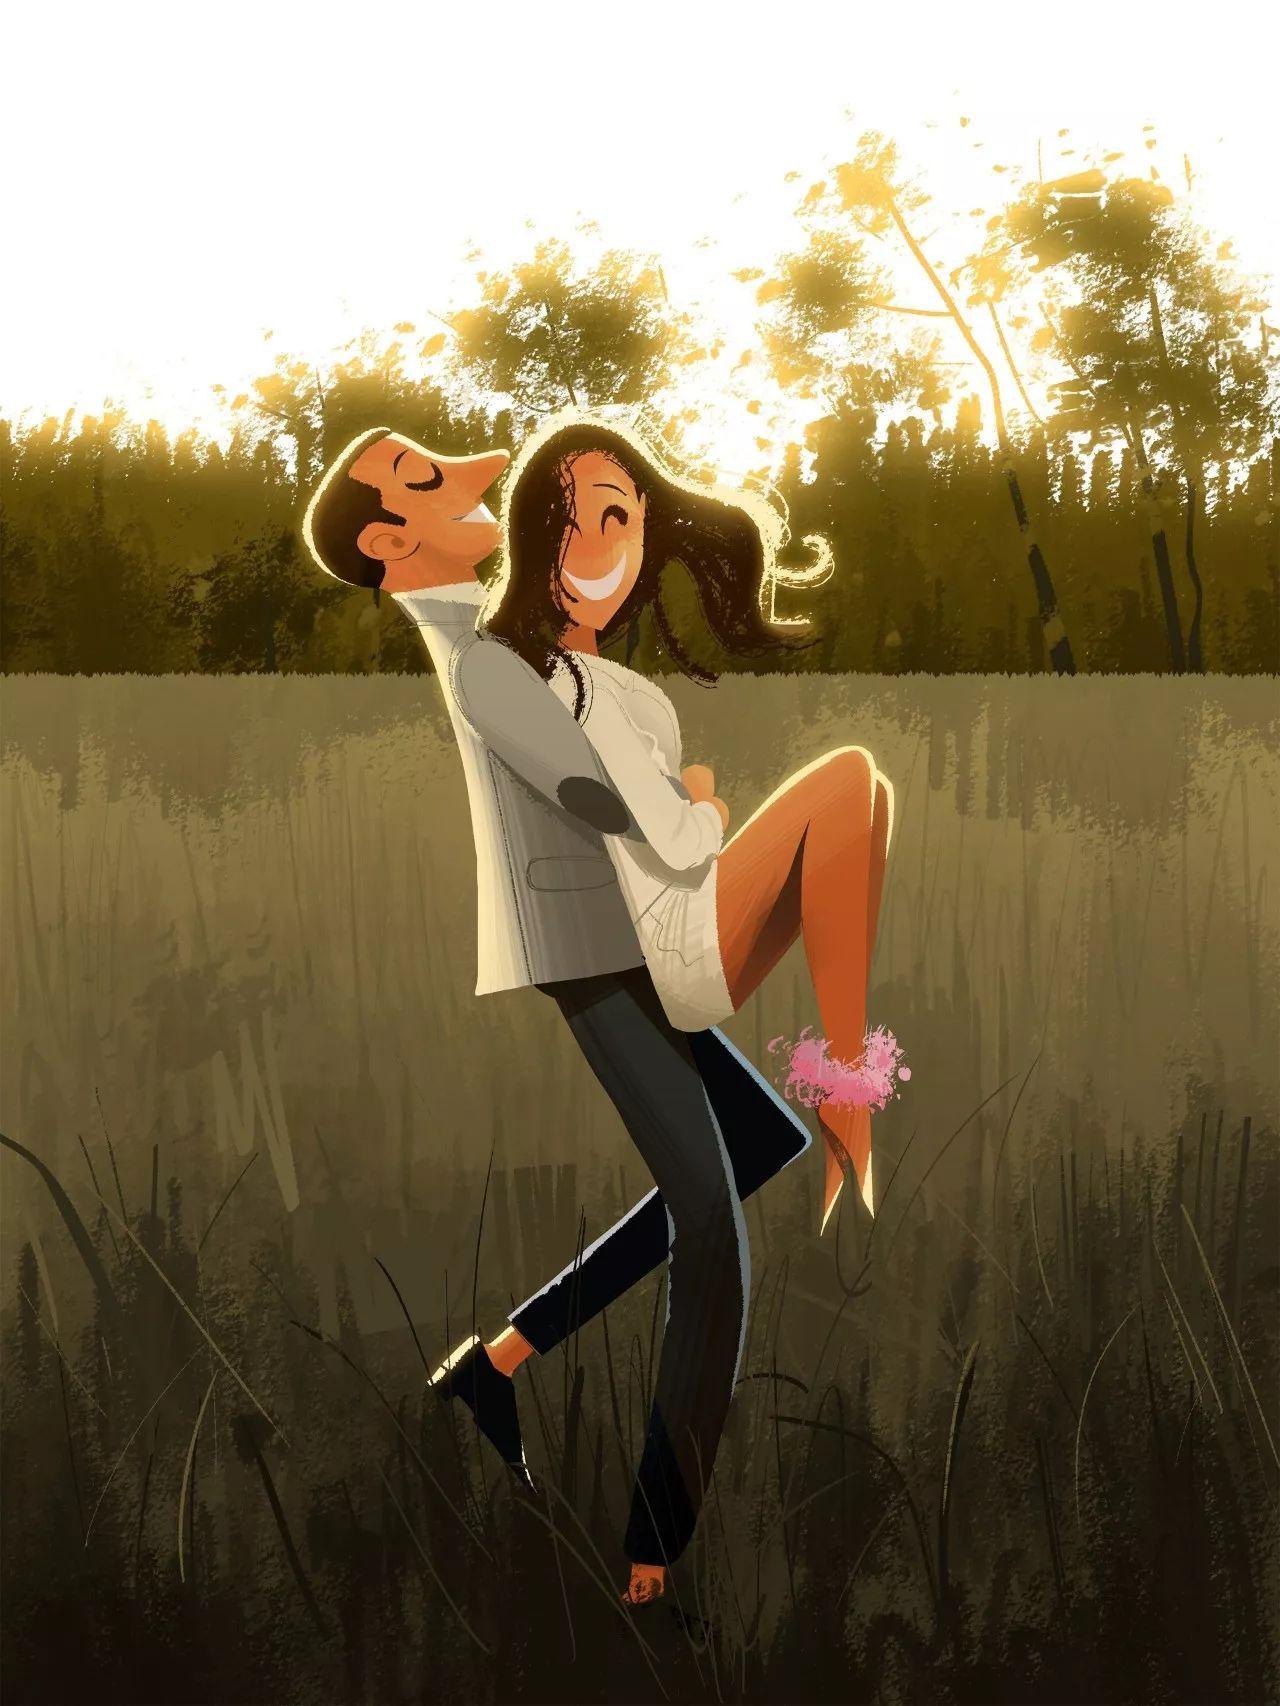 插画丨甜蜜又幸福的情侣日常